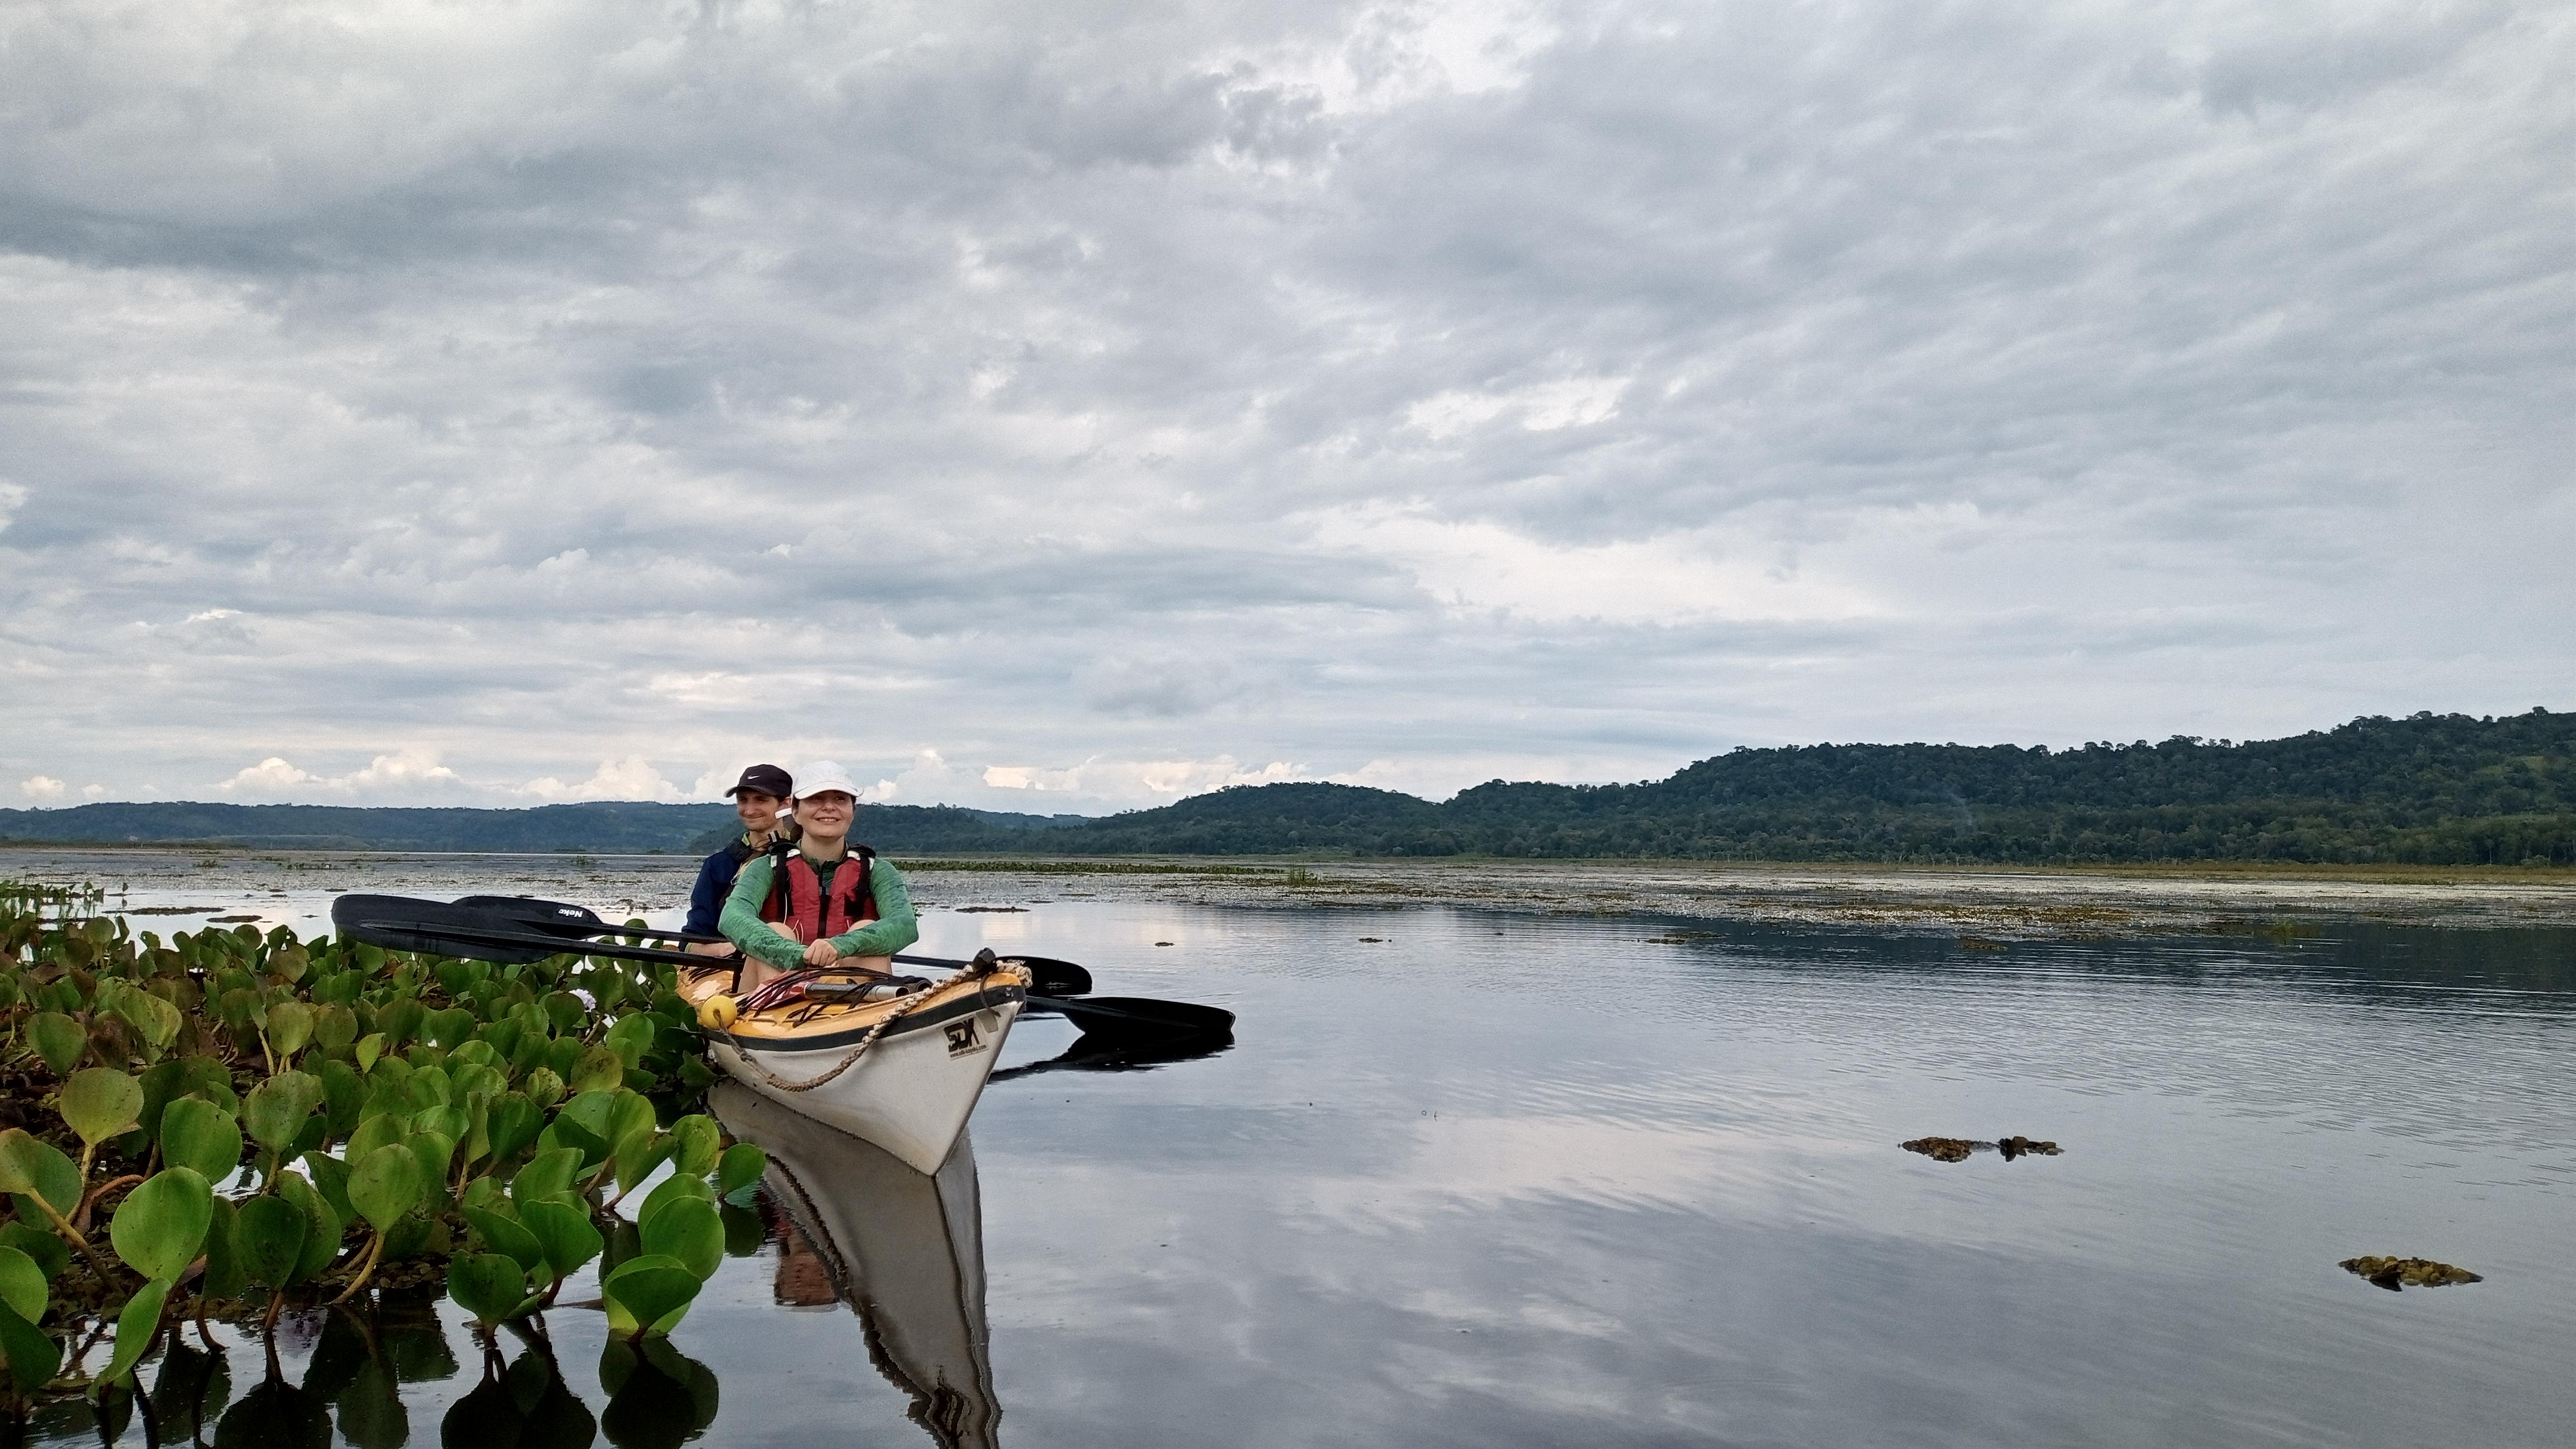 En Kayak por el río Yabebirí, San Ignacio, Misiones, Argentina.